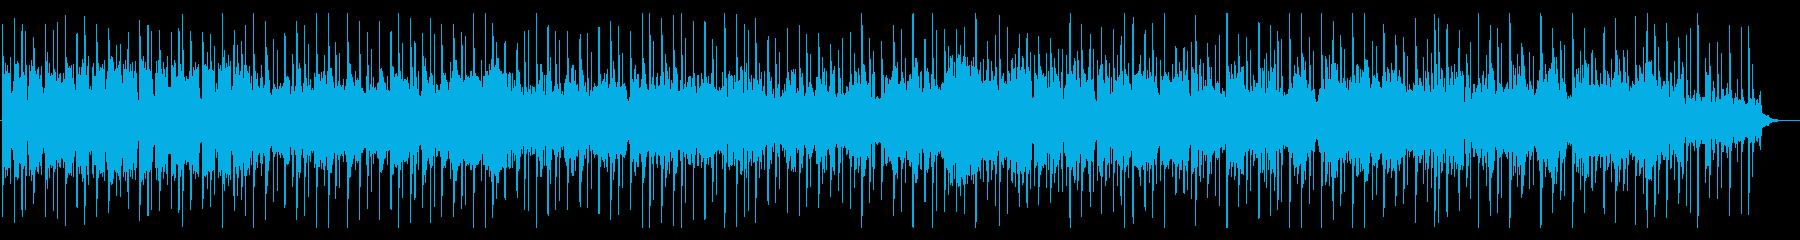 シンプル!シンセサイザーほのぼのとした曲の再生済みの波形